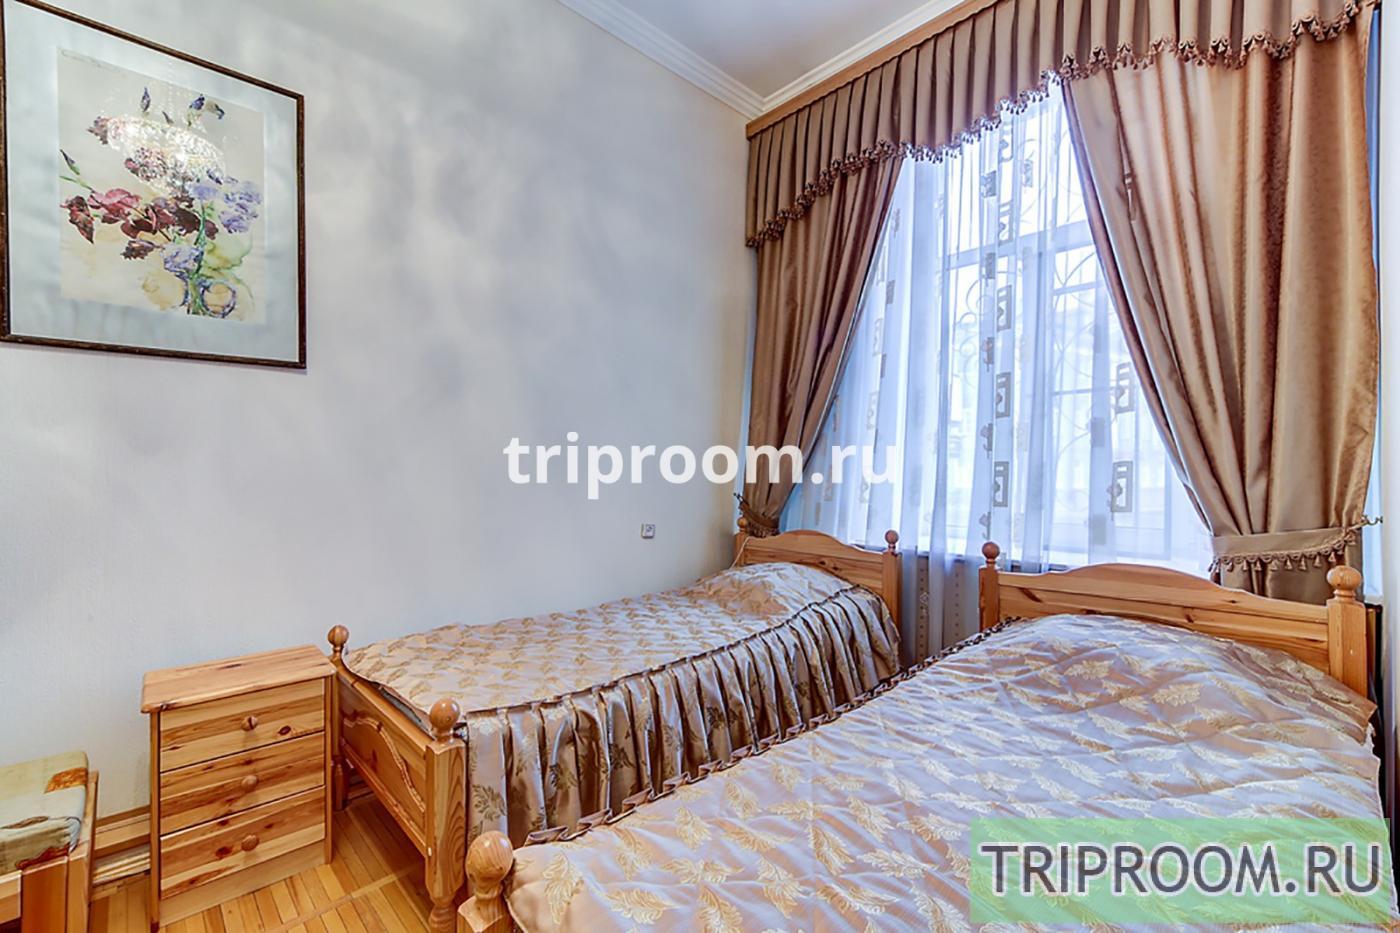 4-комнатная квартира посуточно (вариант № 20160), ул. Реки Мойки набережная, фото № 18